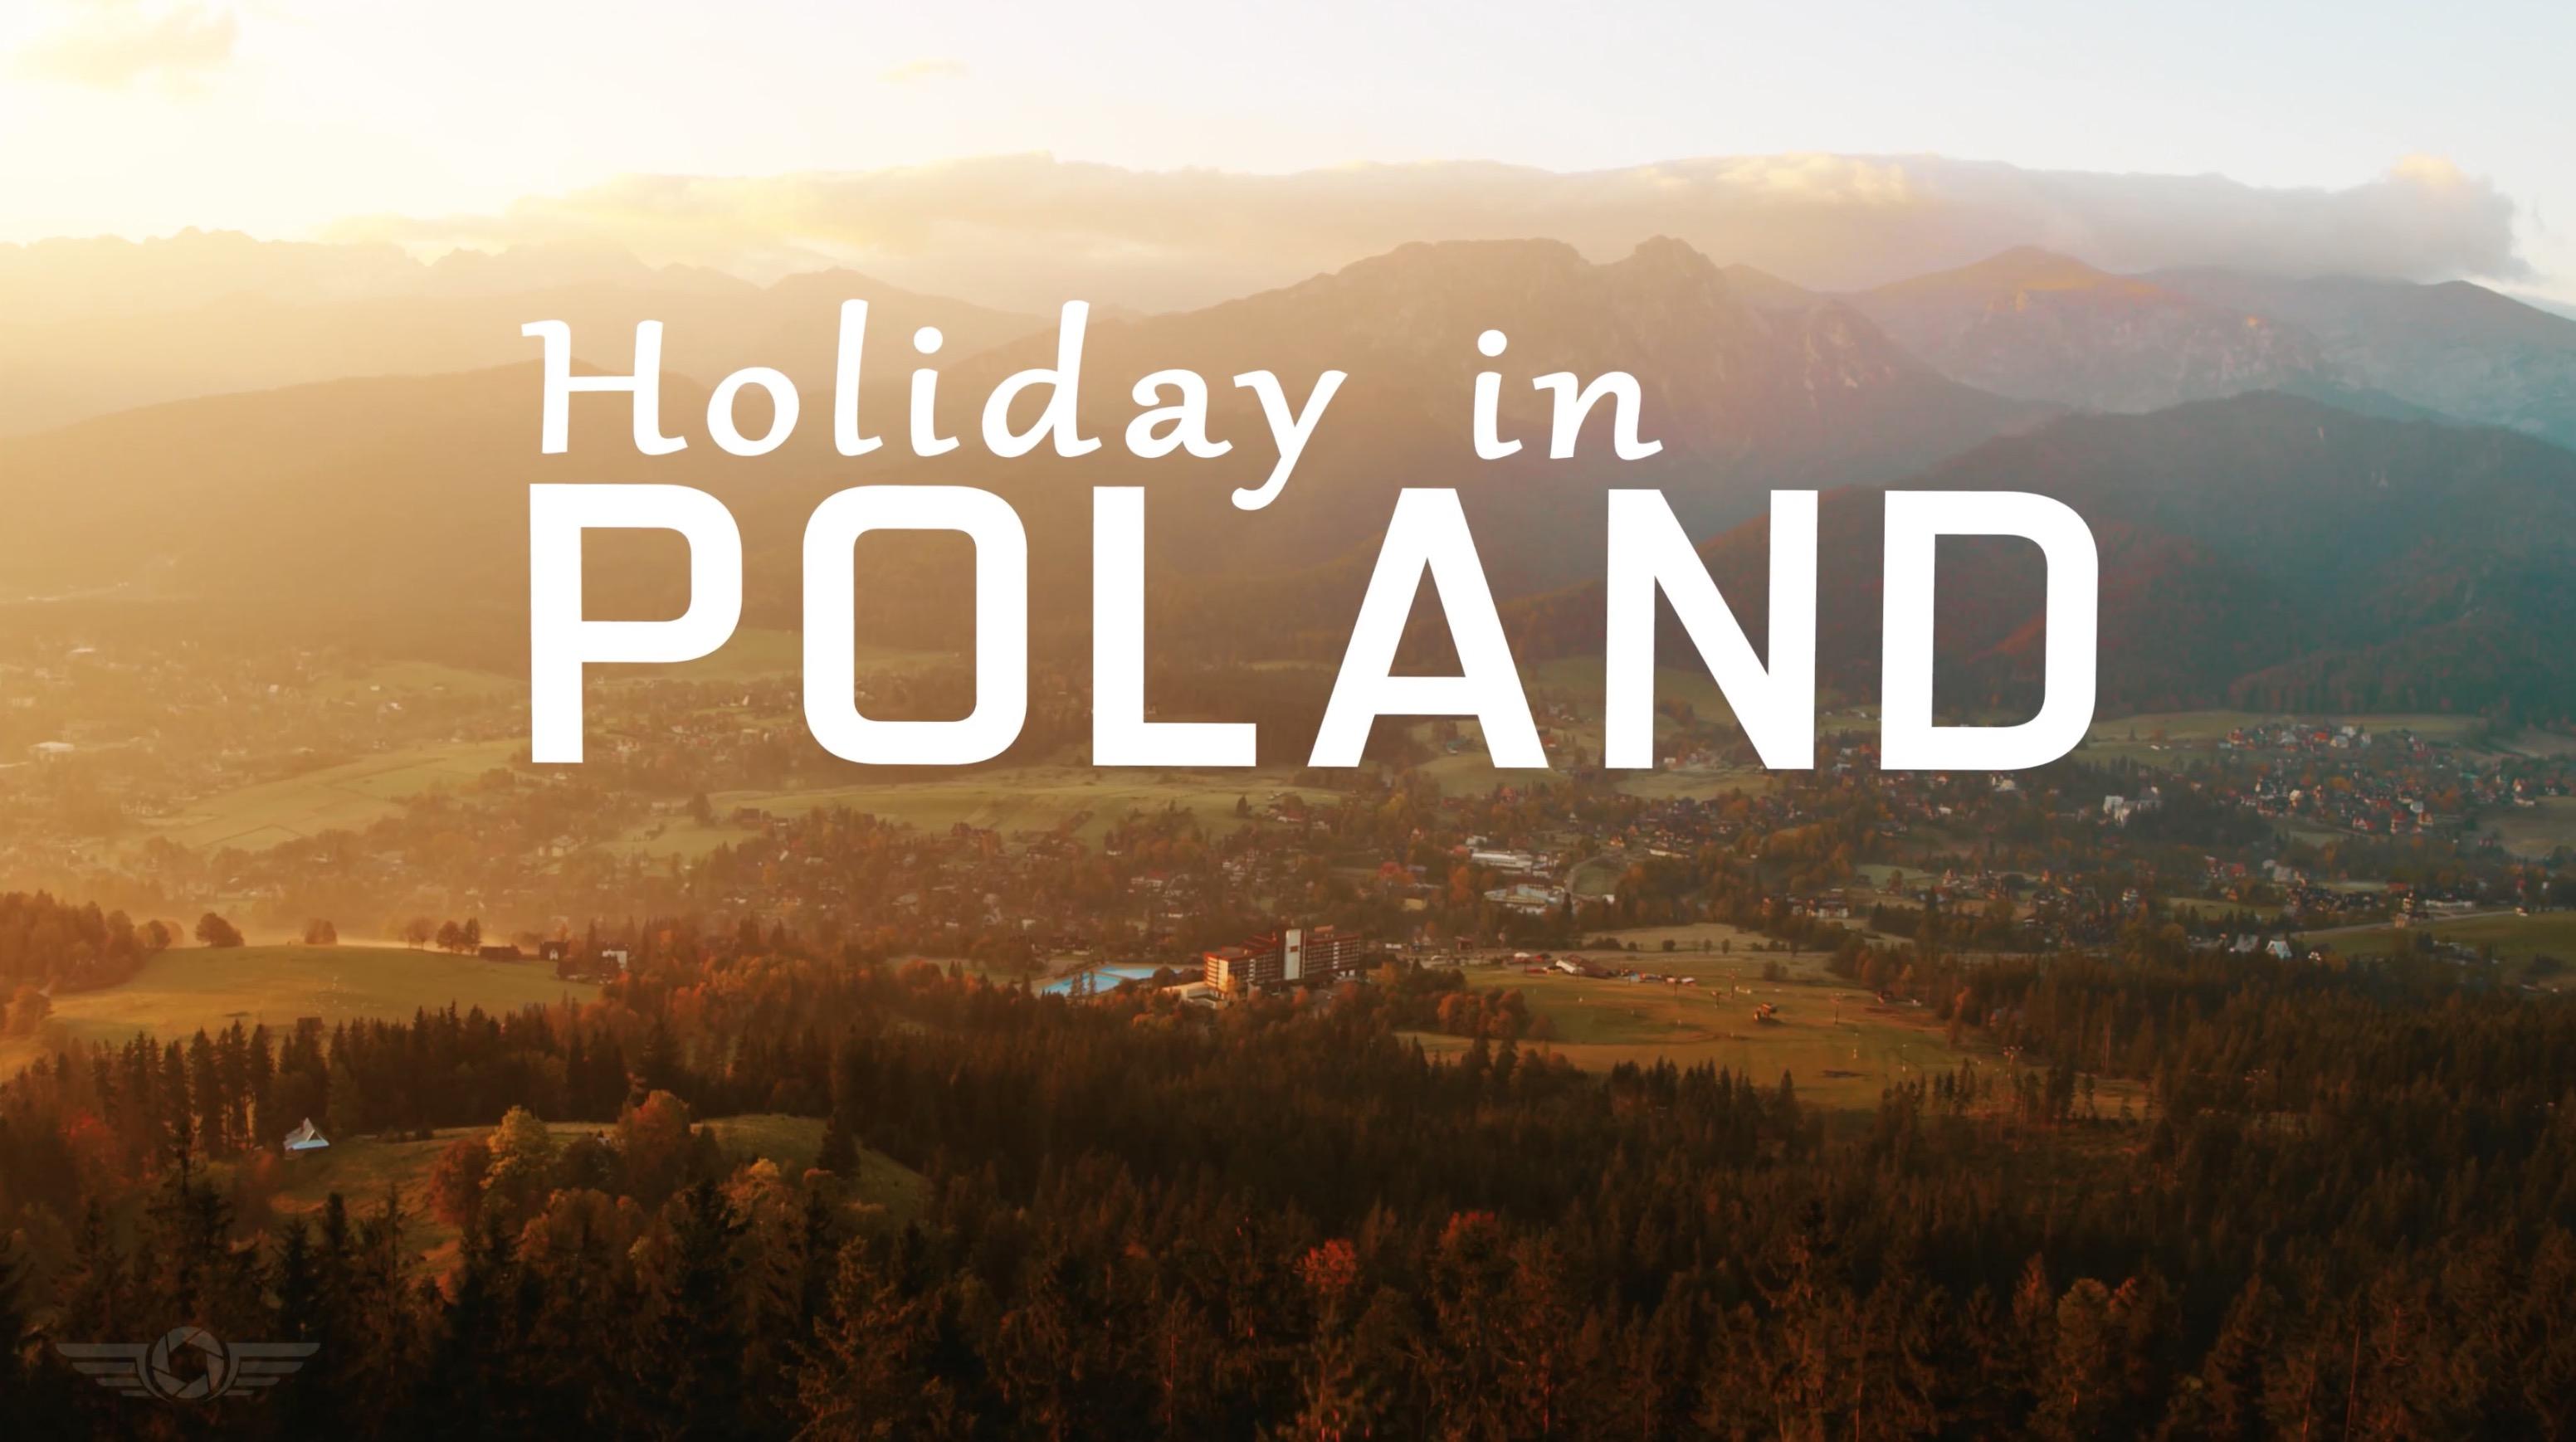 polska jest piekna bo fajnie jest